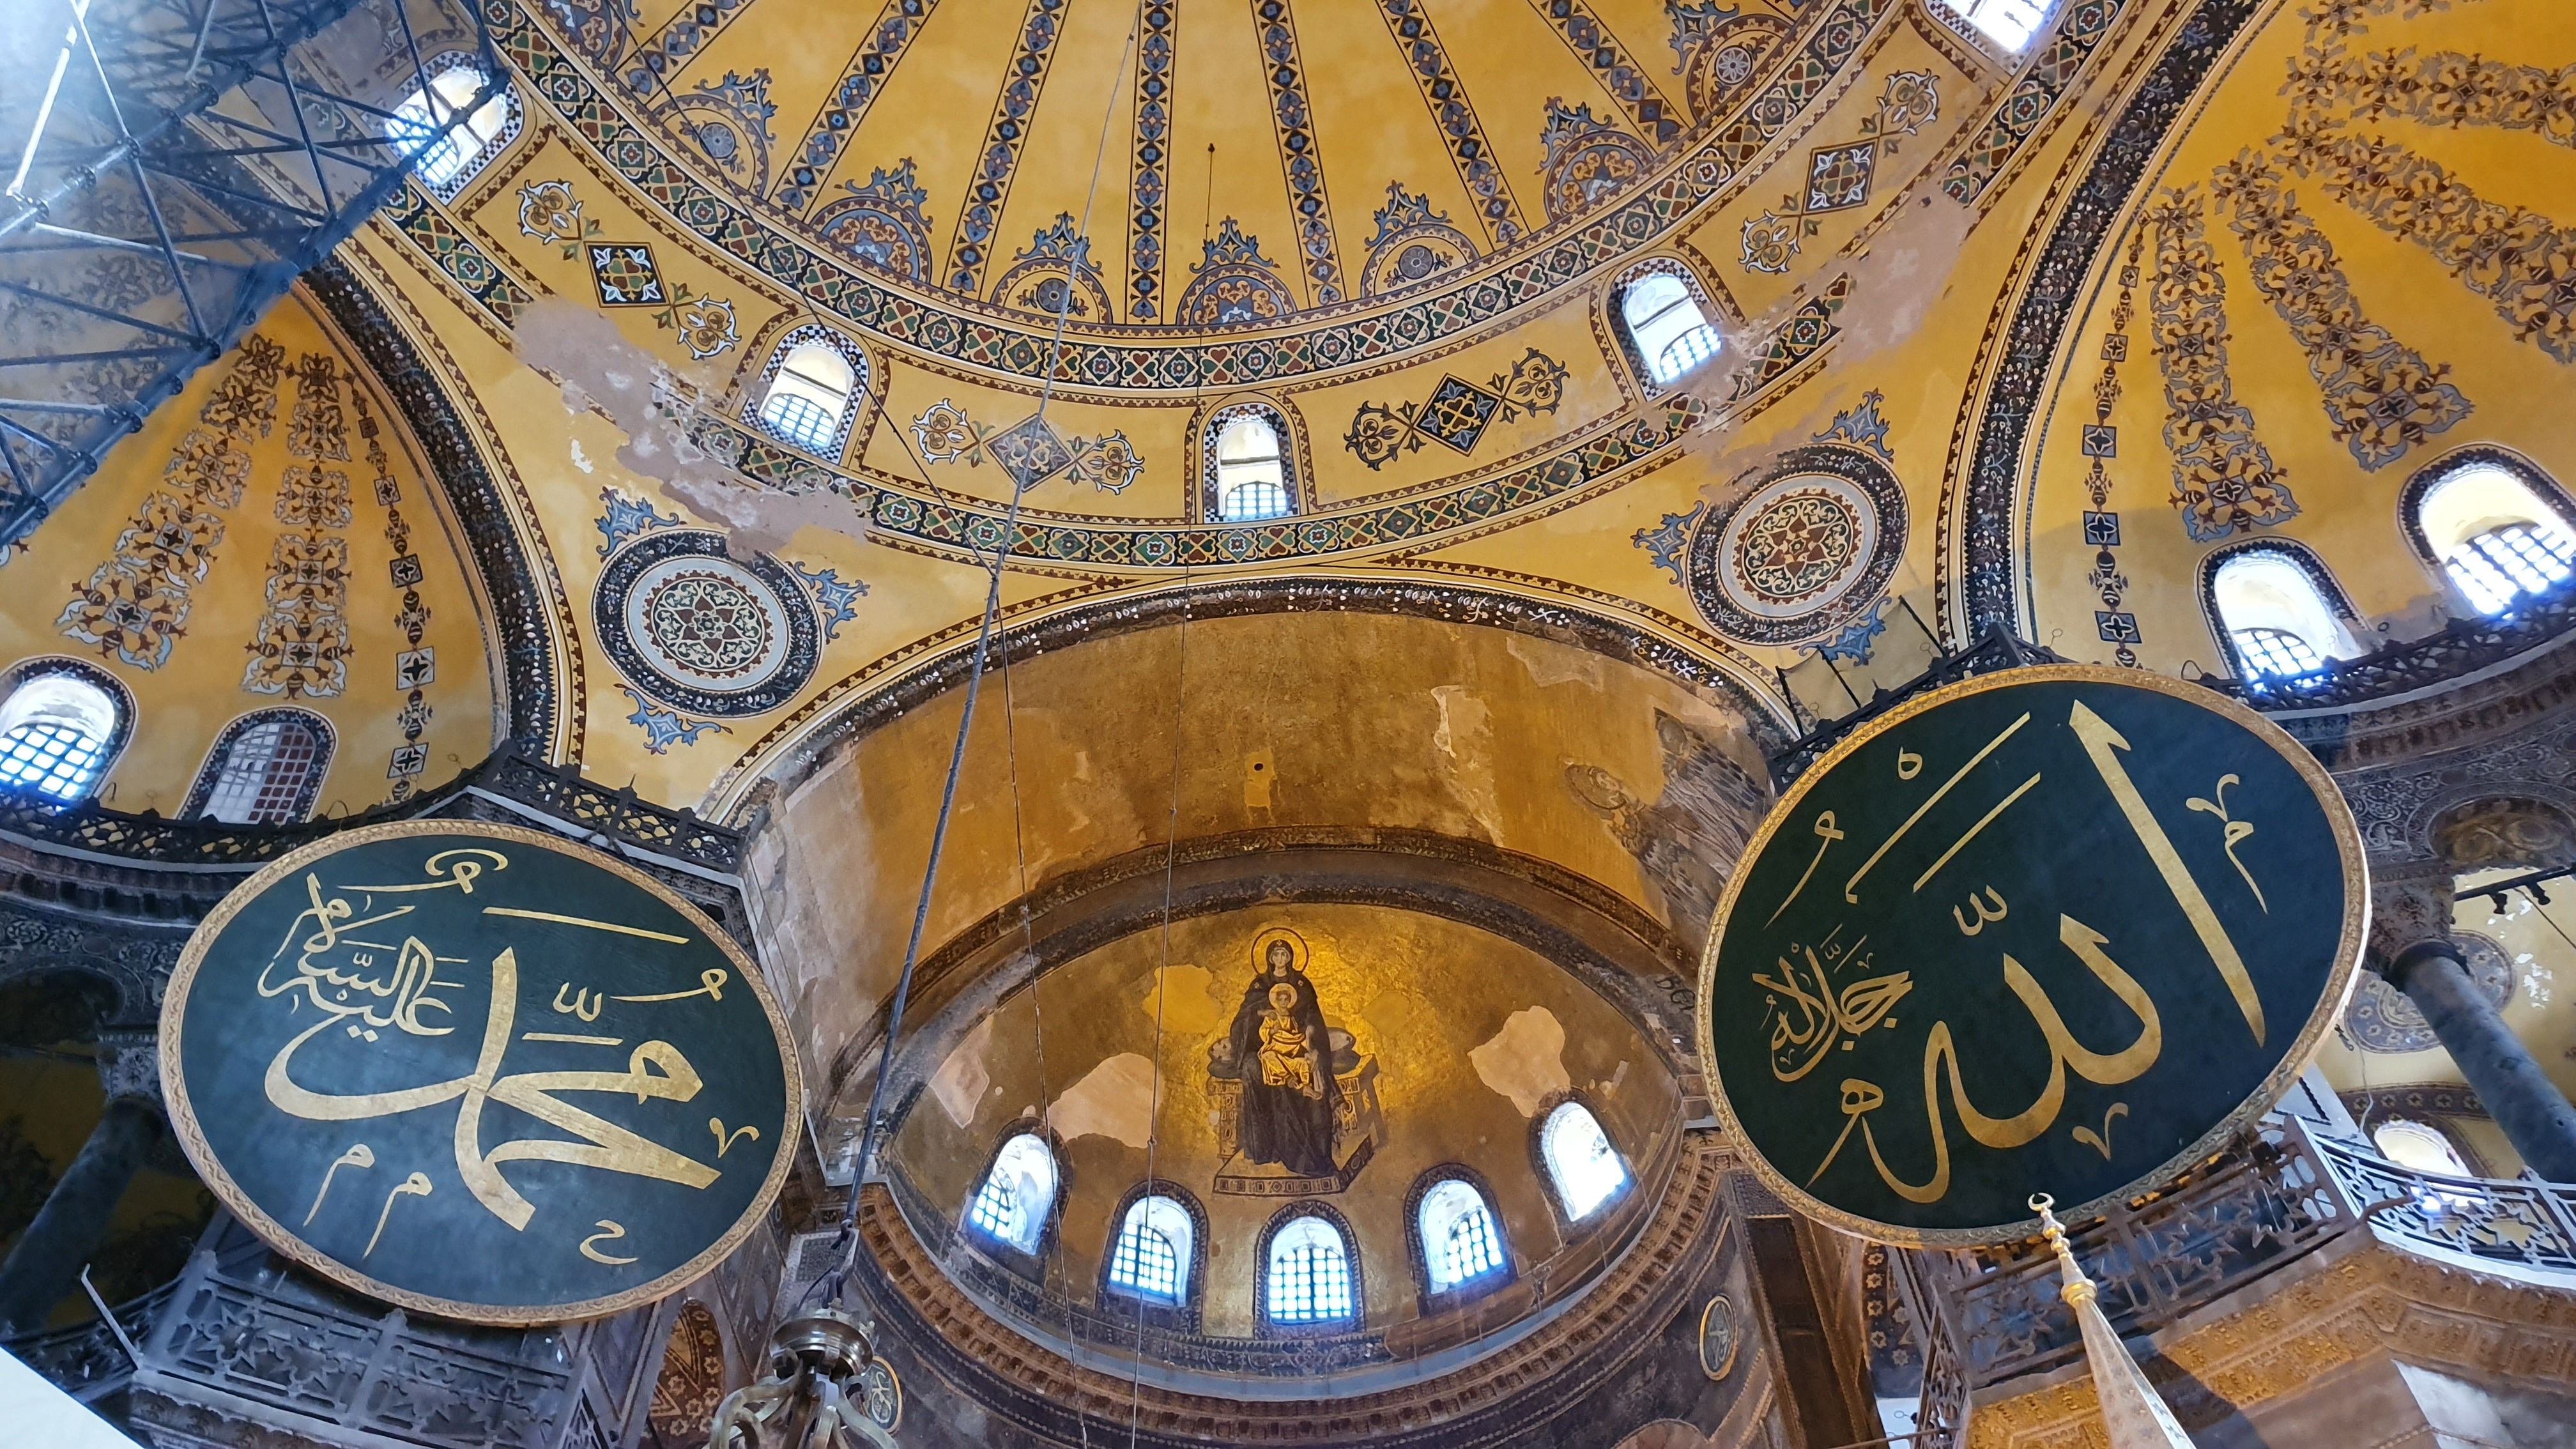 Dibalik Keindahan Hagia Sophia, Ada Status Politik Yang Memanas